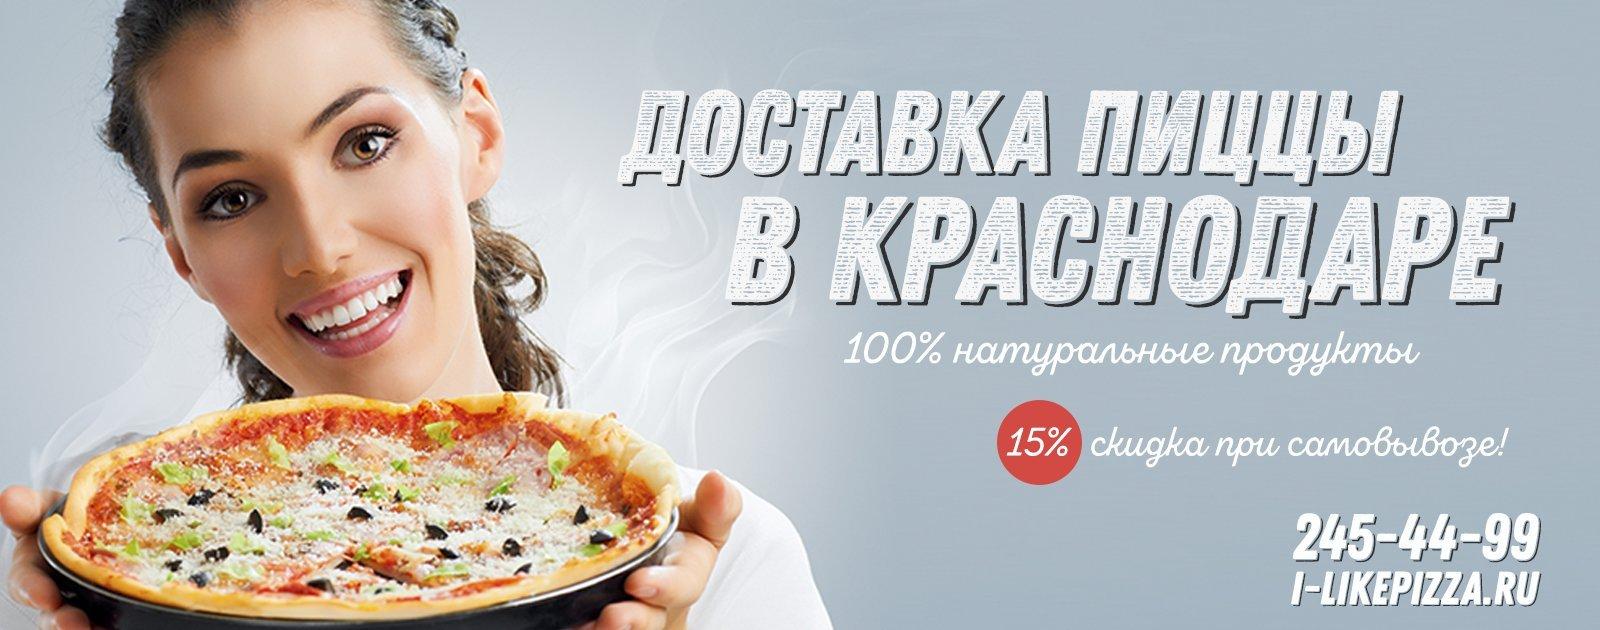 Доставка пиццы в Краснодаре